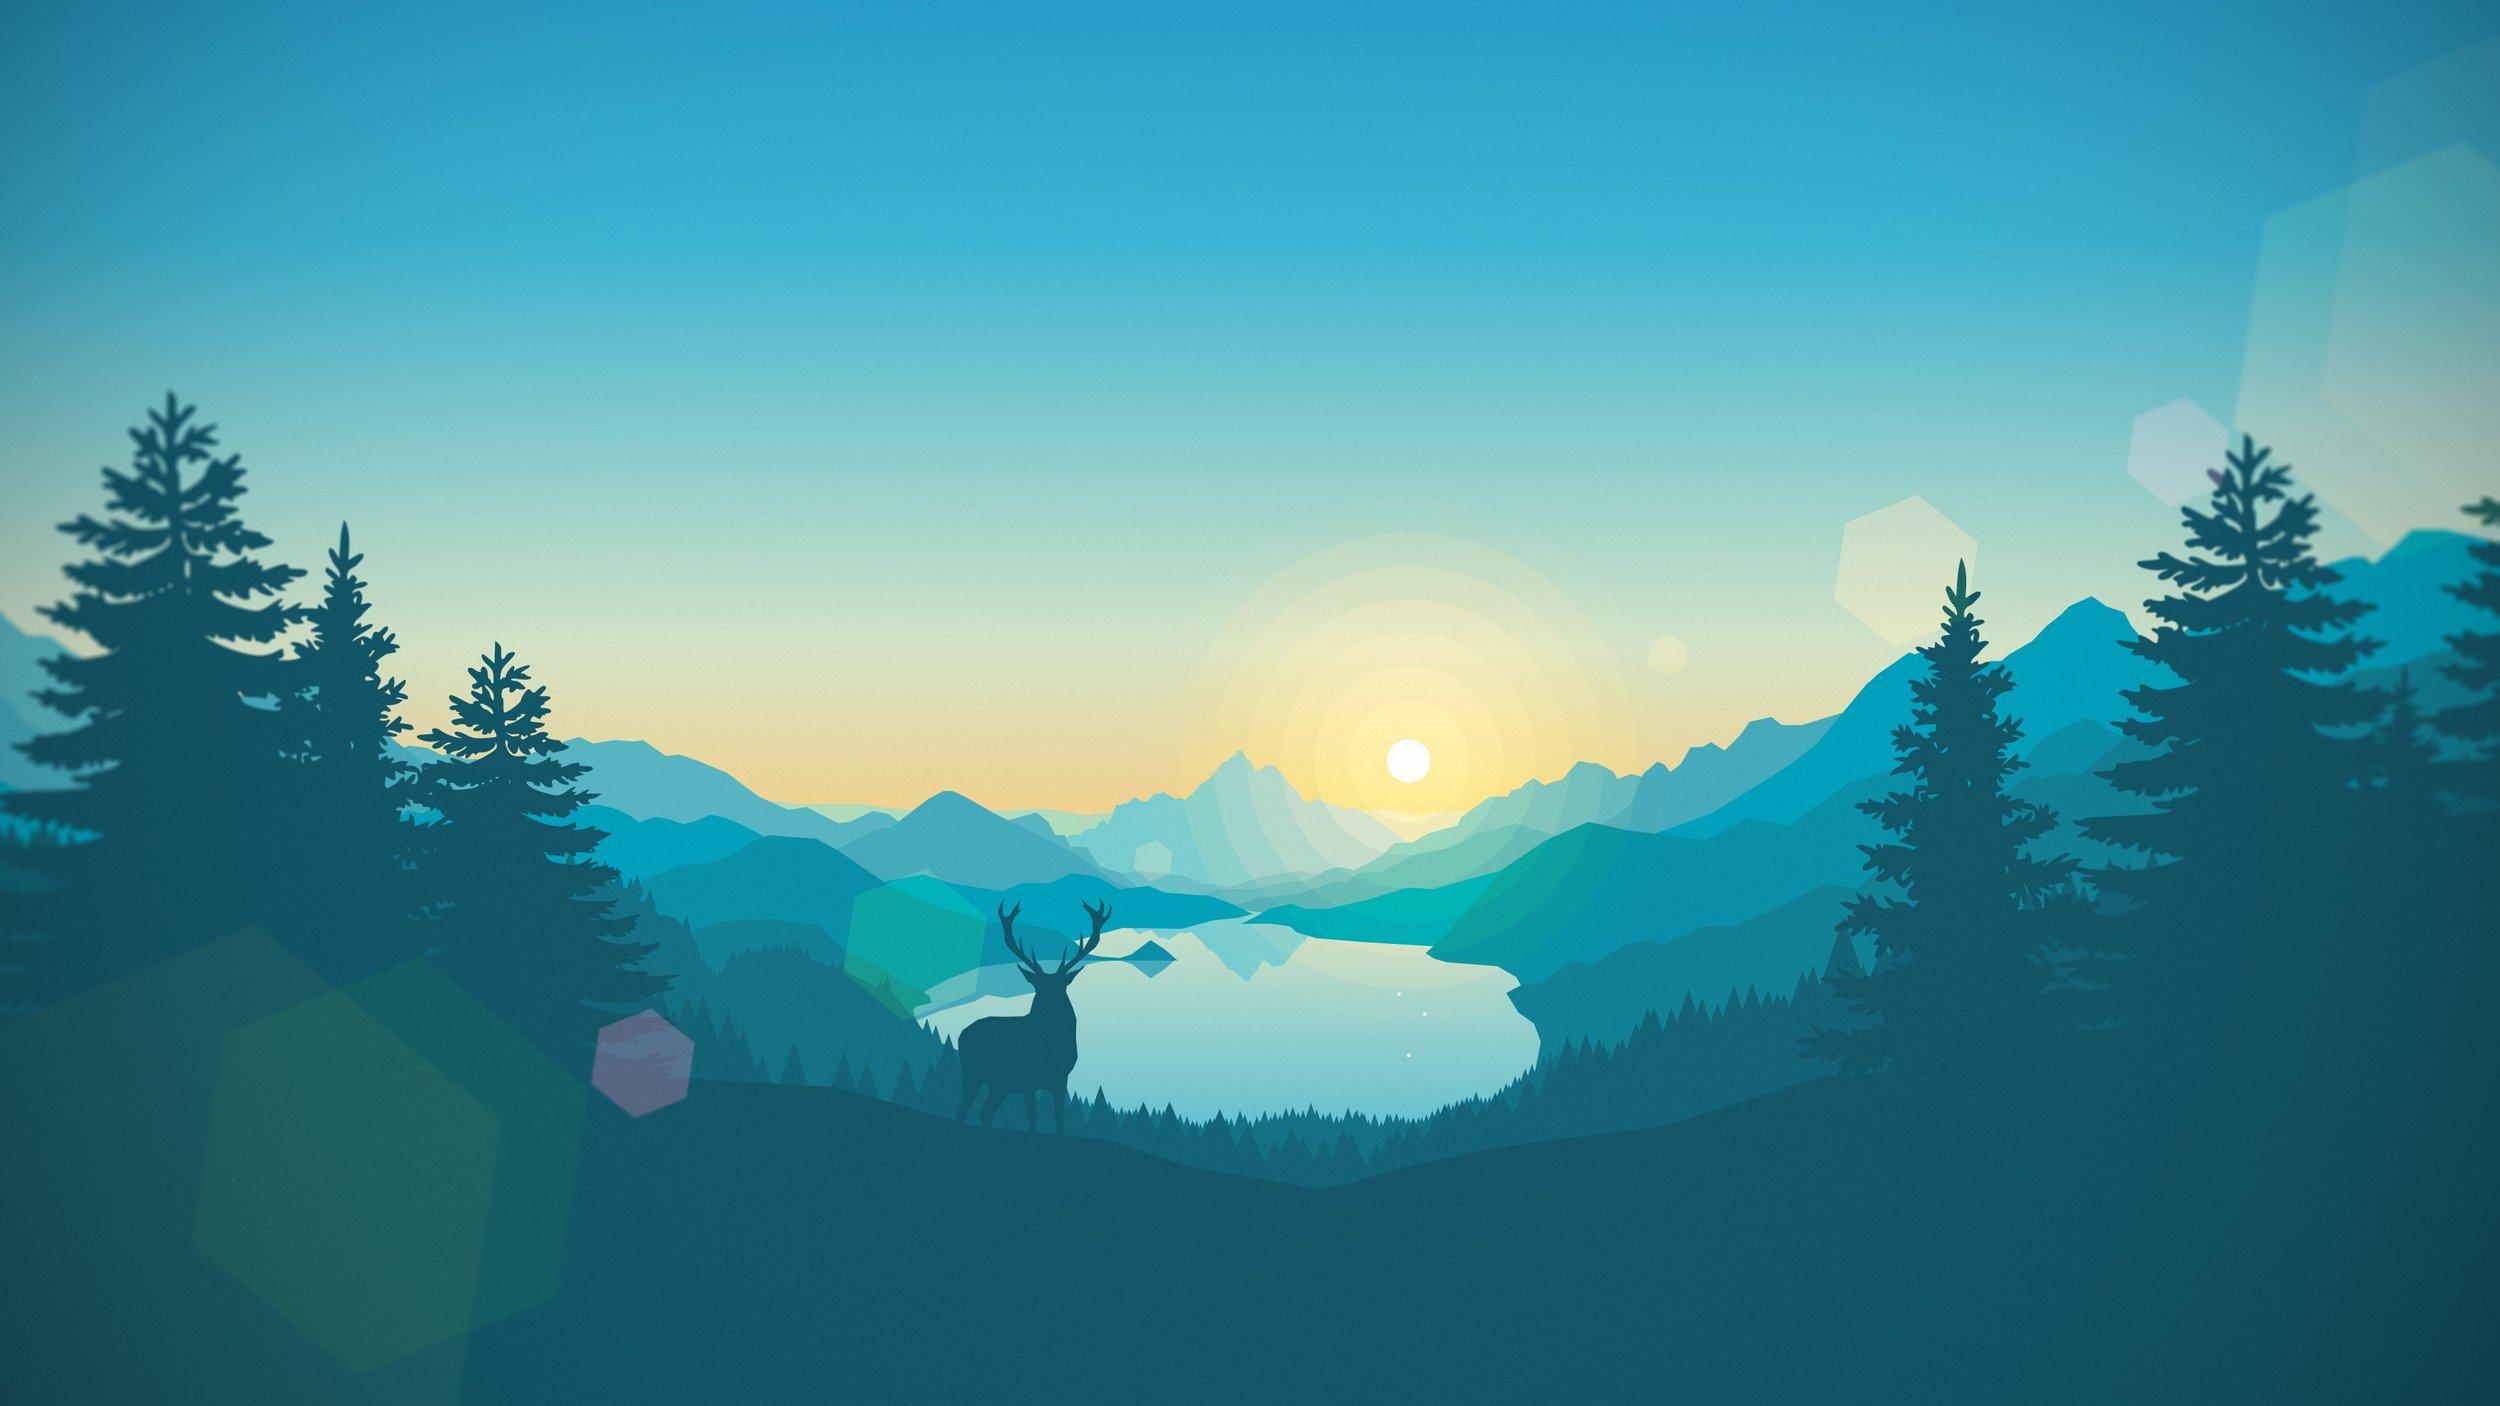 Minimal-Mountain-Wallpaper-Blue-Dusk-Forest-4k-DarGadgetZ-1.jpg